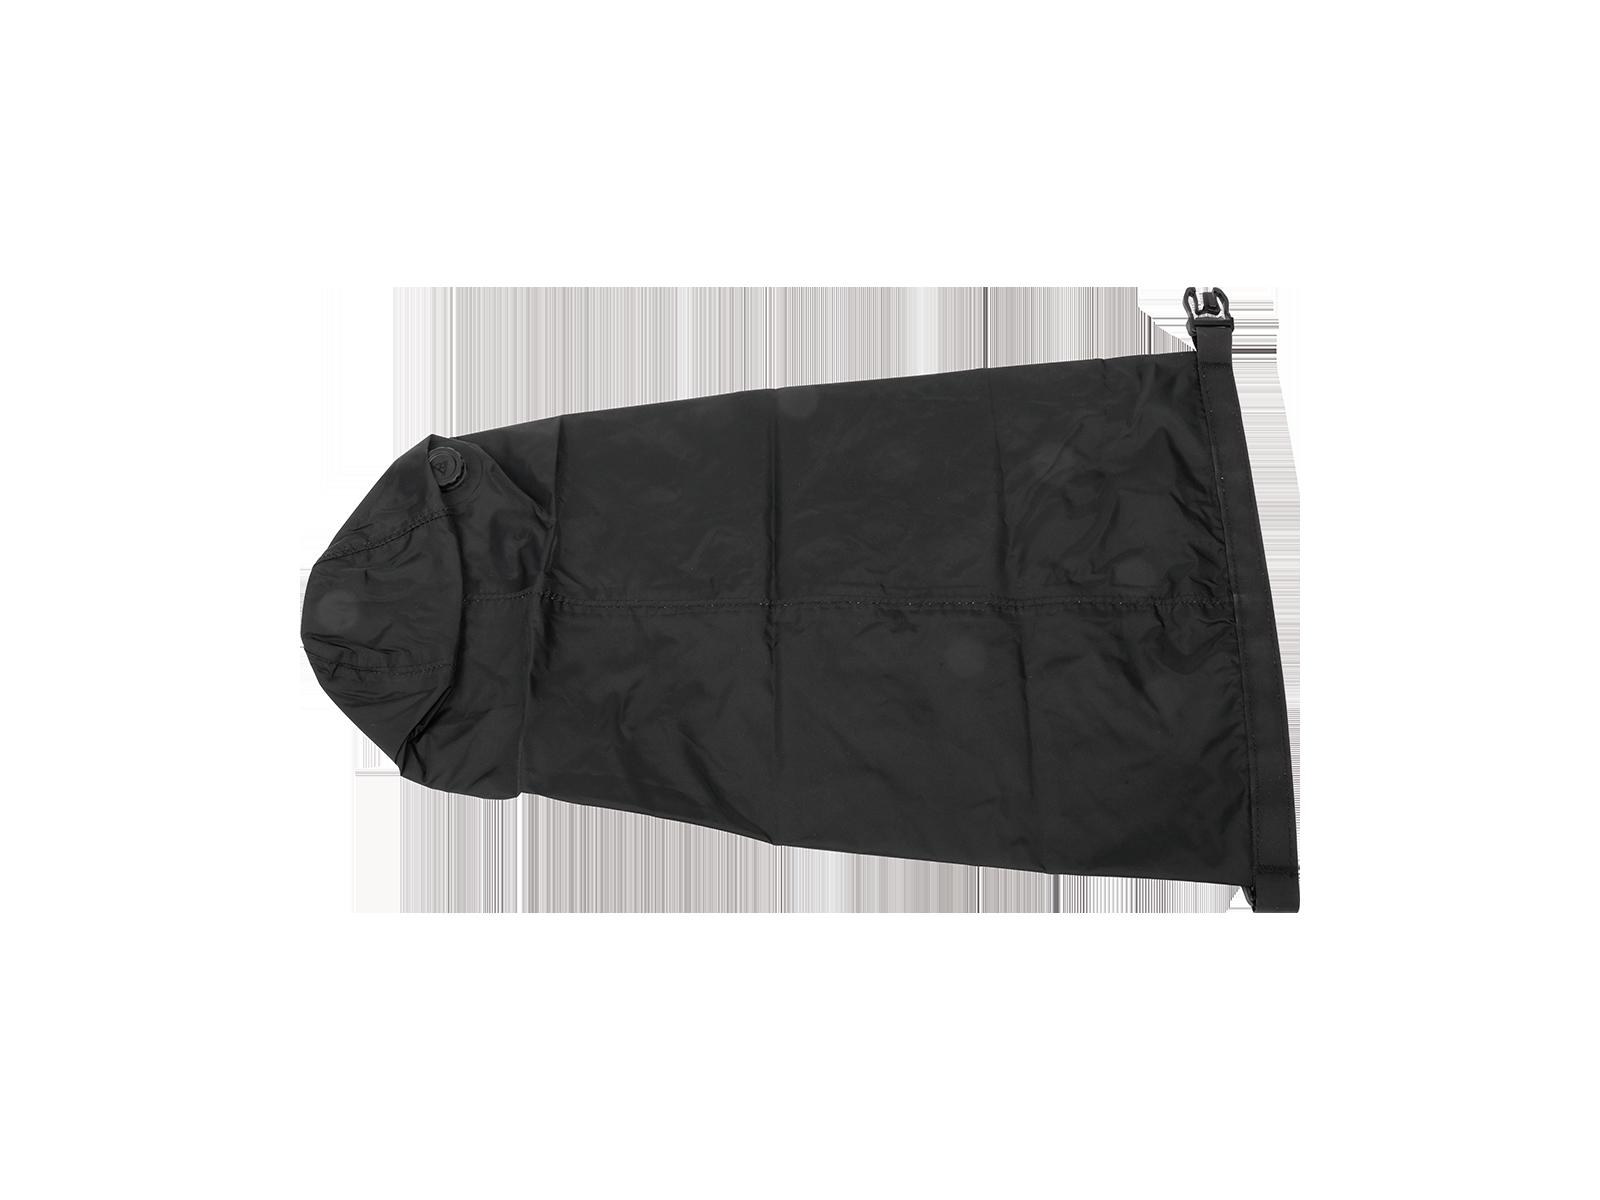 WATERPROOF INNER BAG 6L